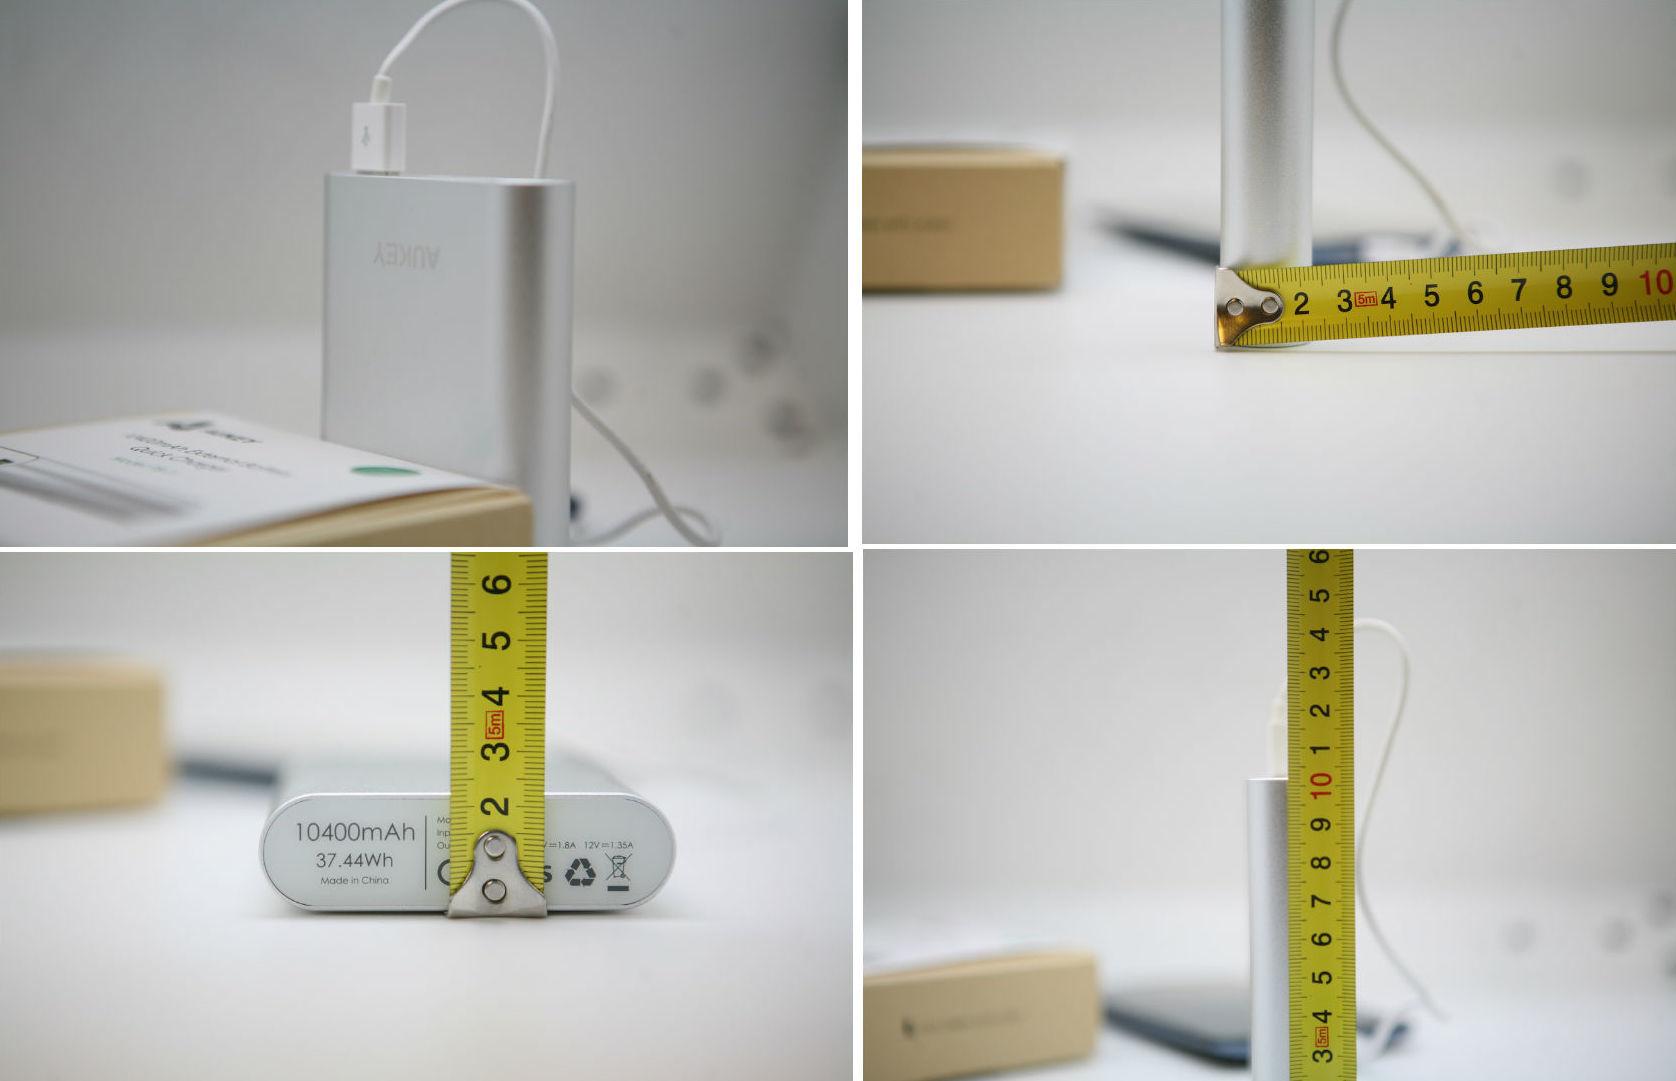 Power Bank-конкурент Xiaomi с функцией быстрой зарядки: 30% за 26 минут - 3